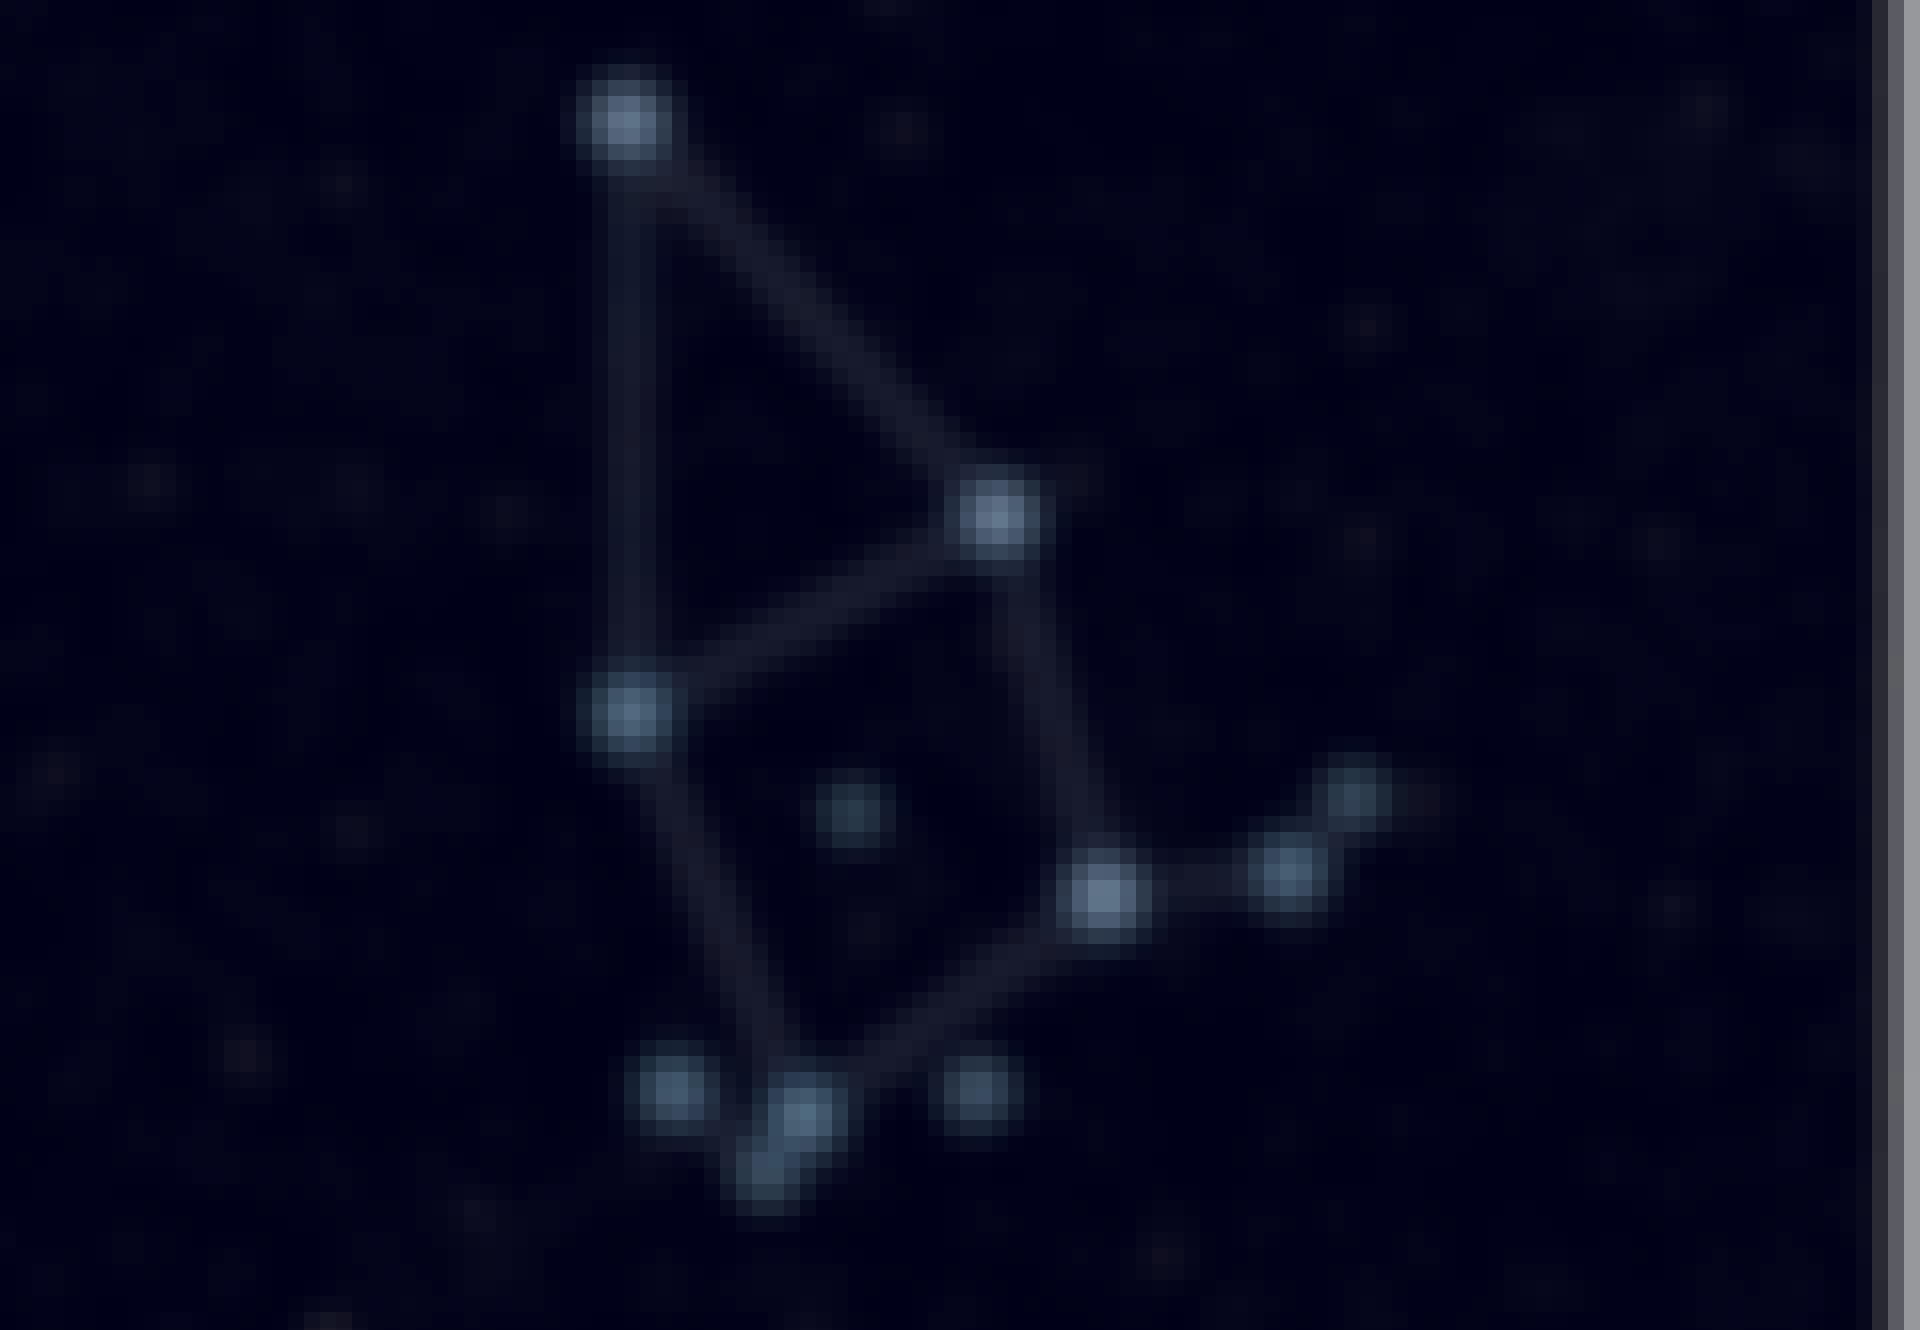 Het sterrenbeeld Cepheus